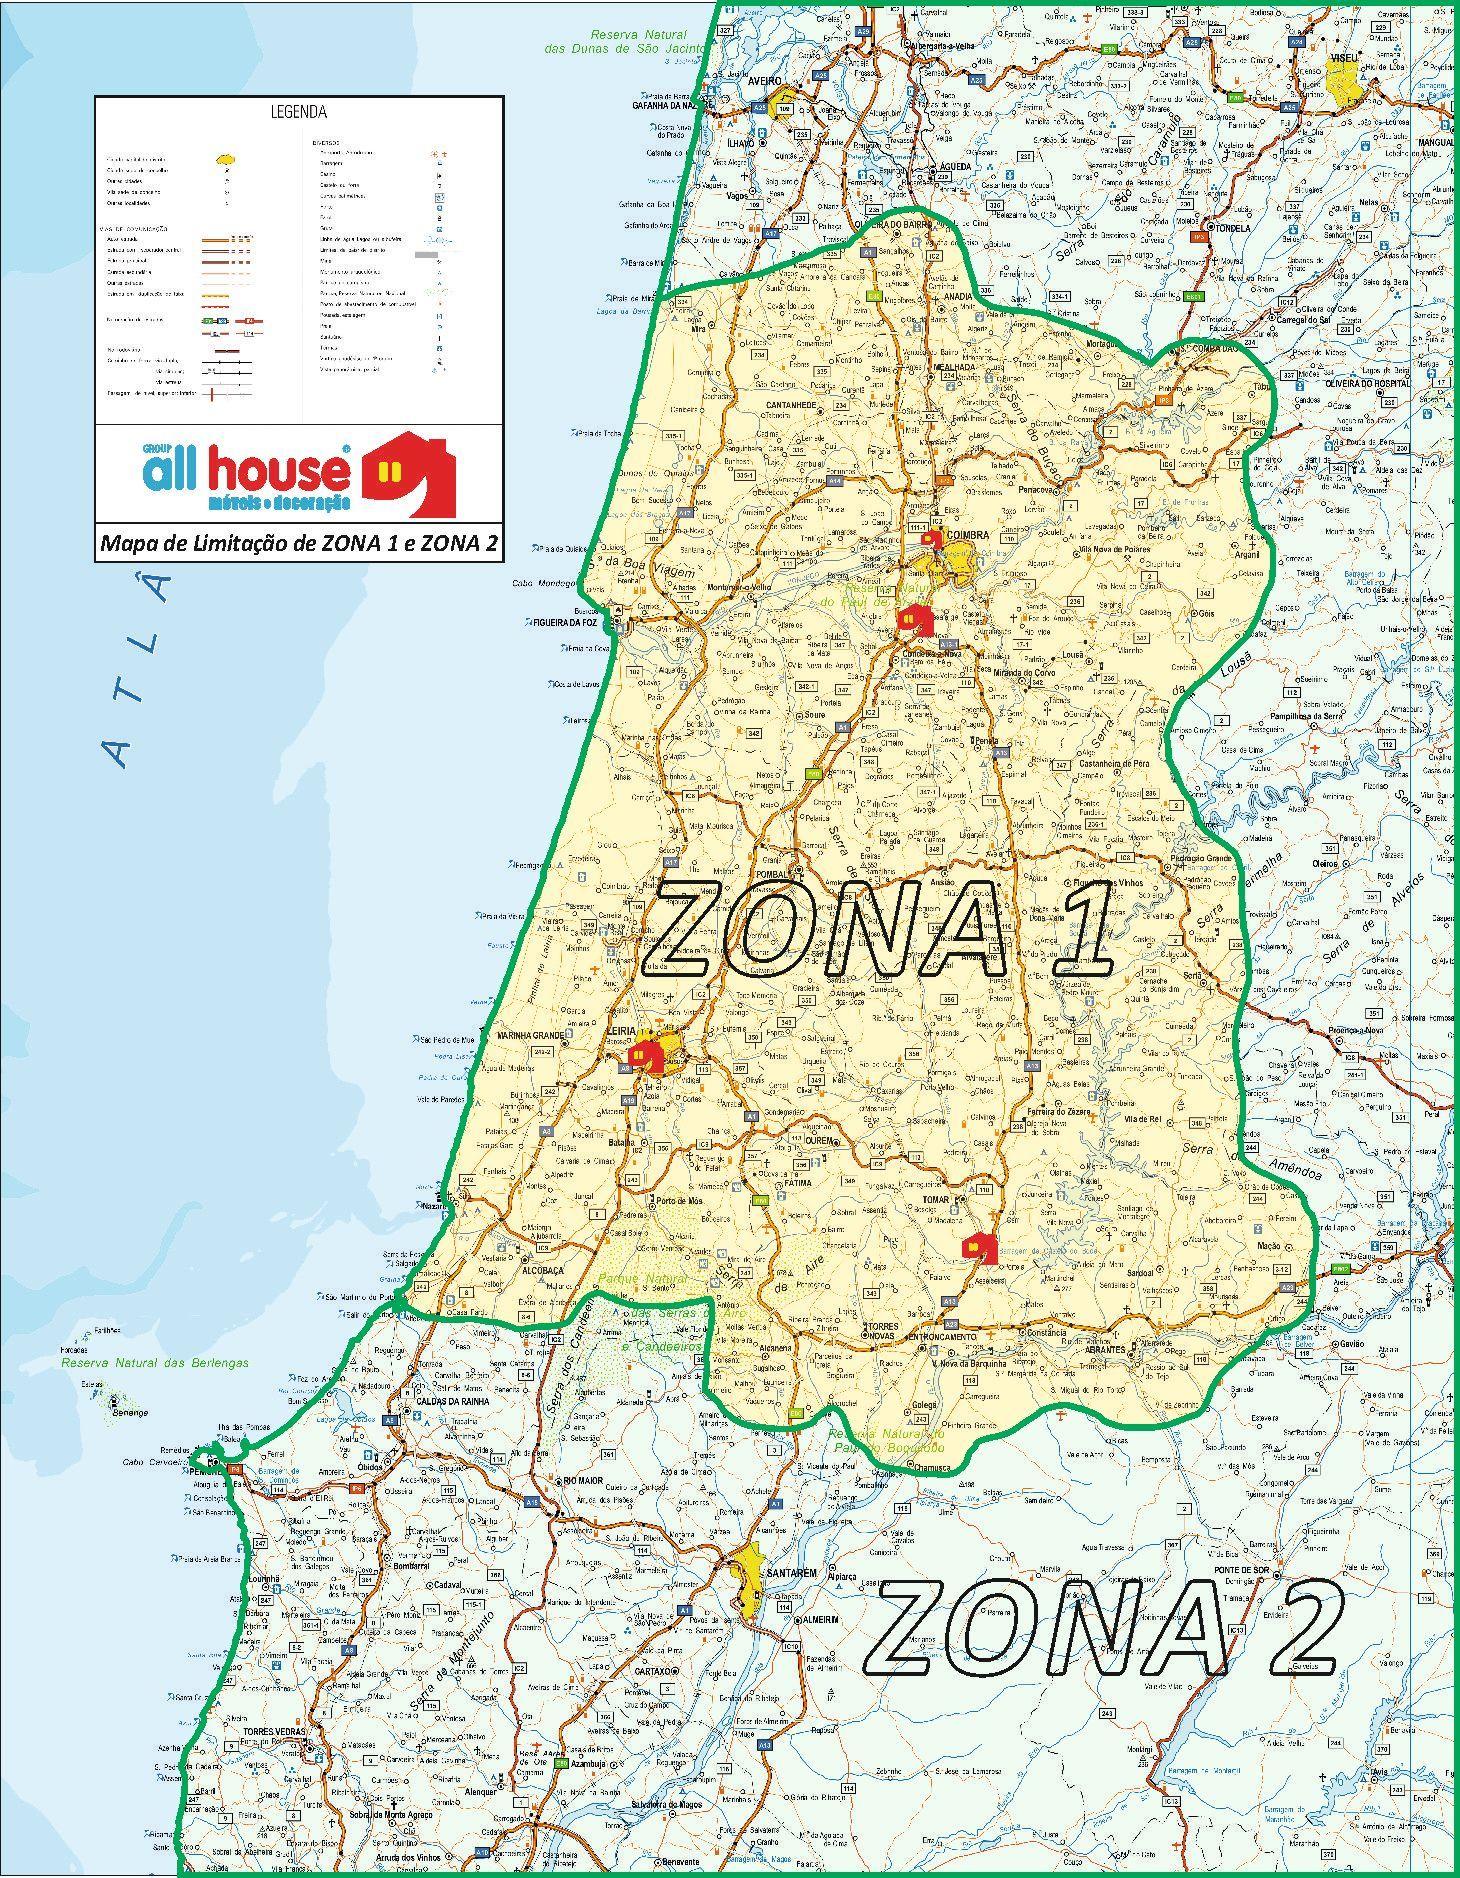 Mapa1_final.jpg